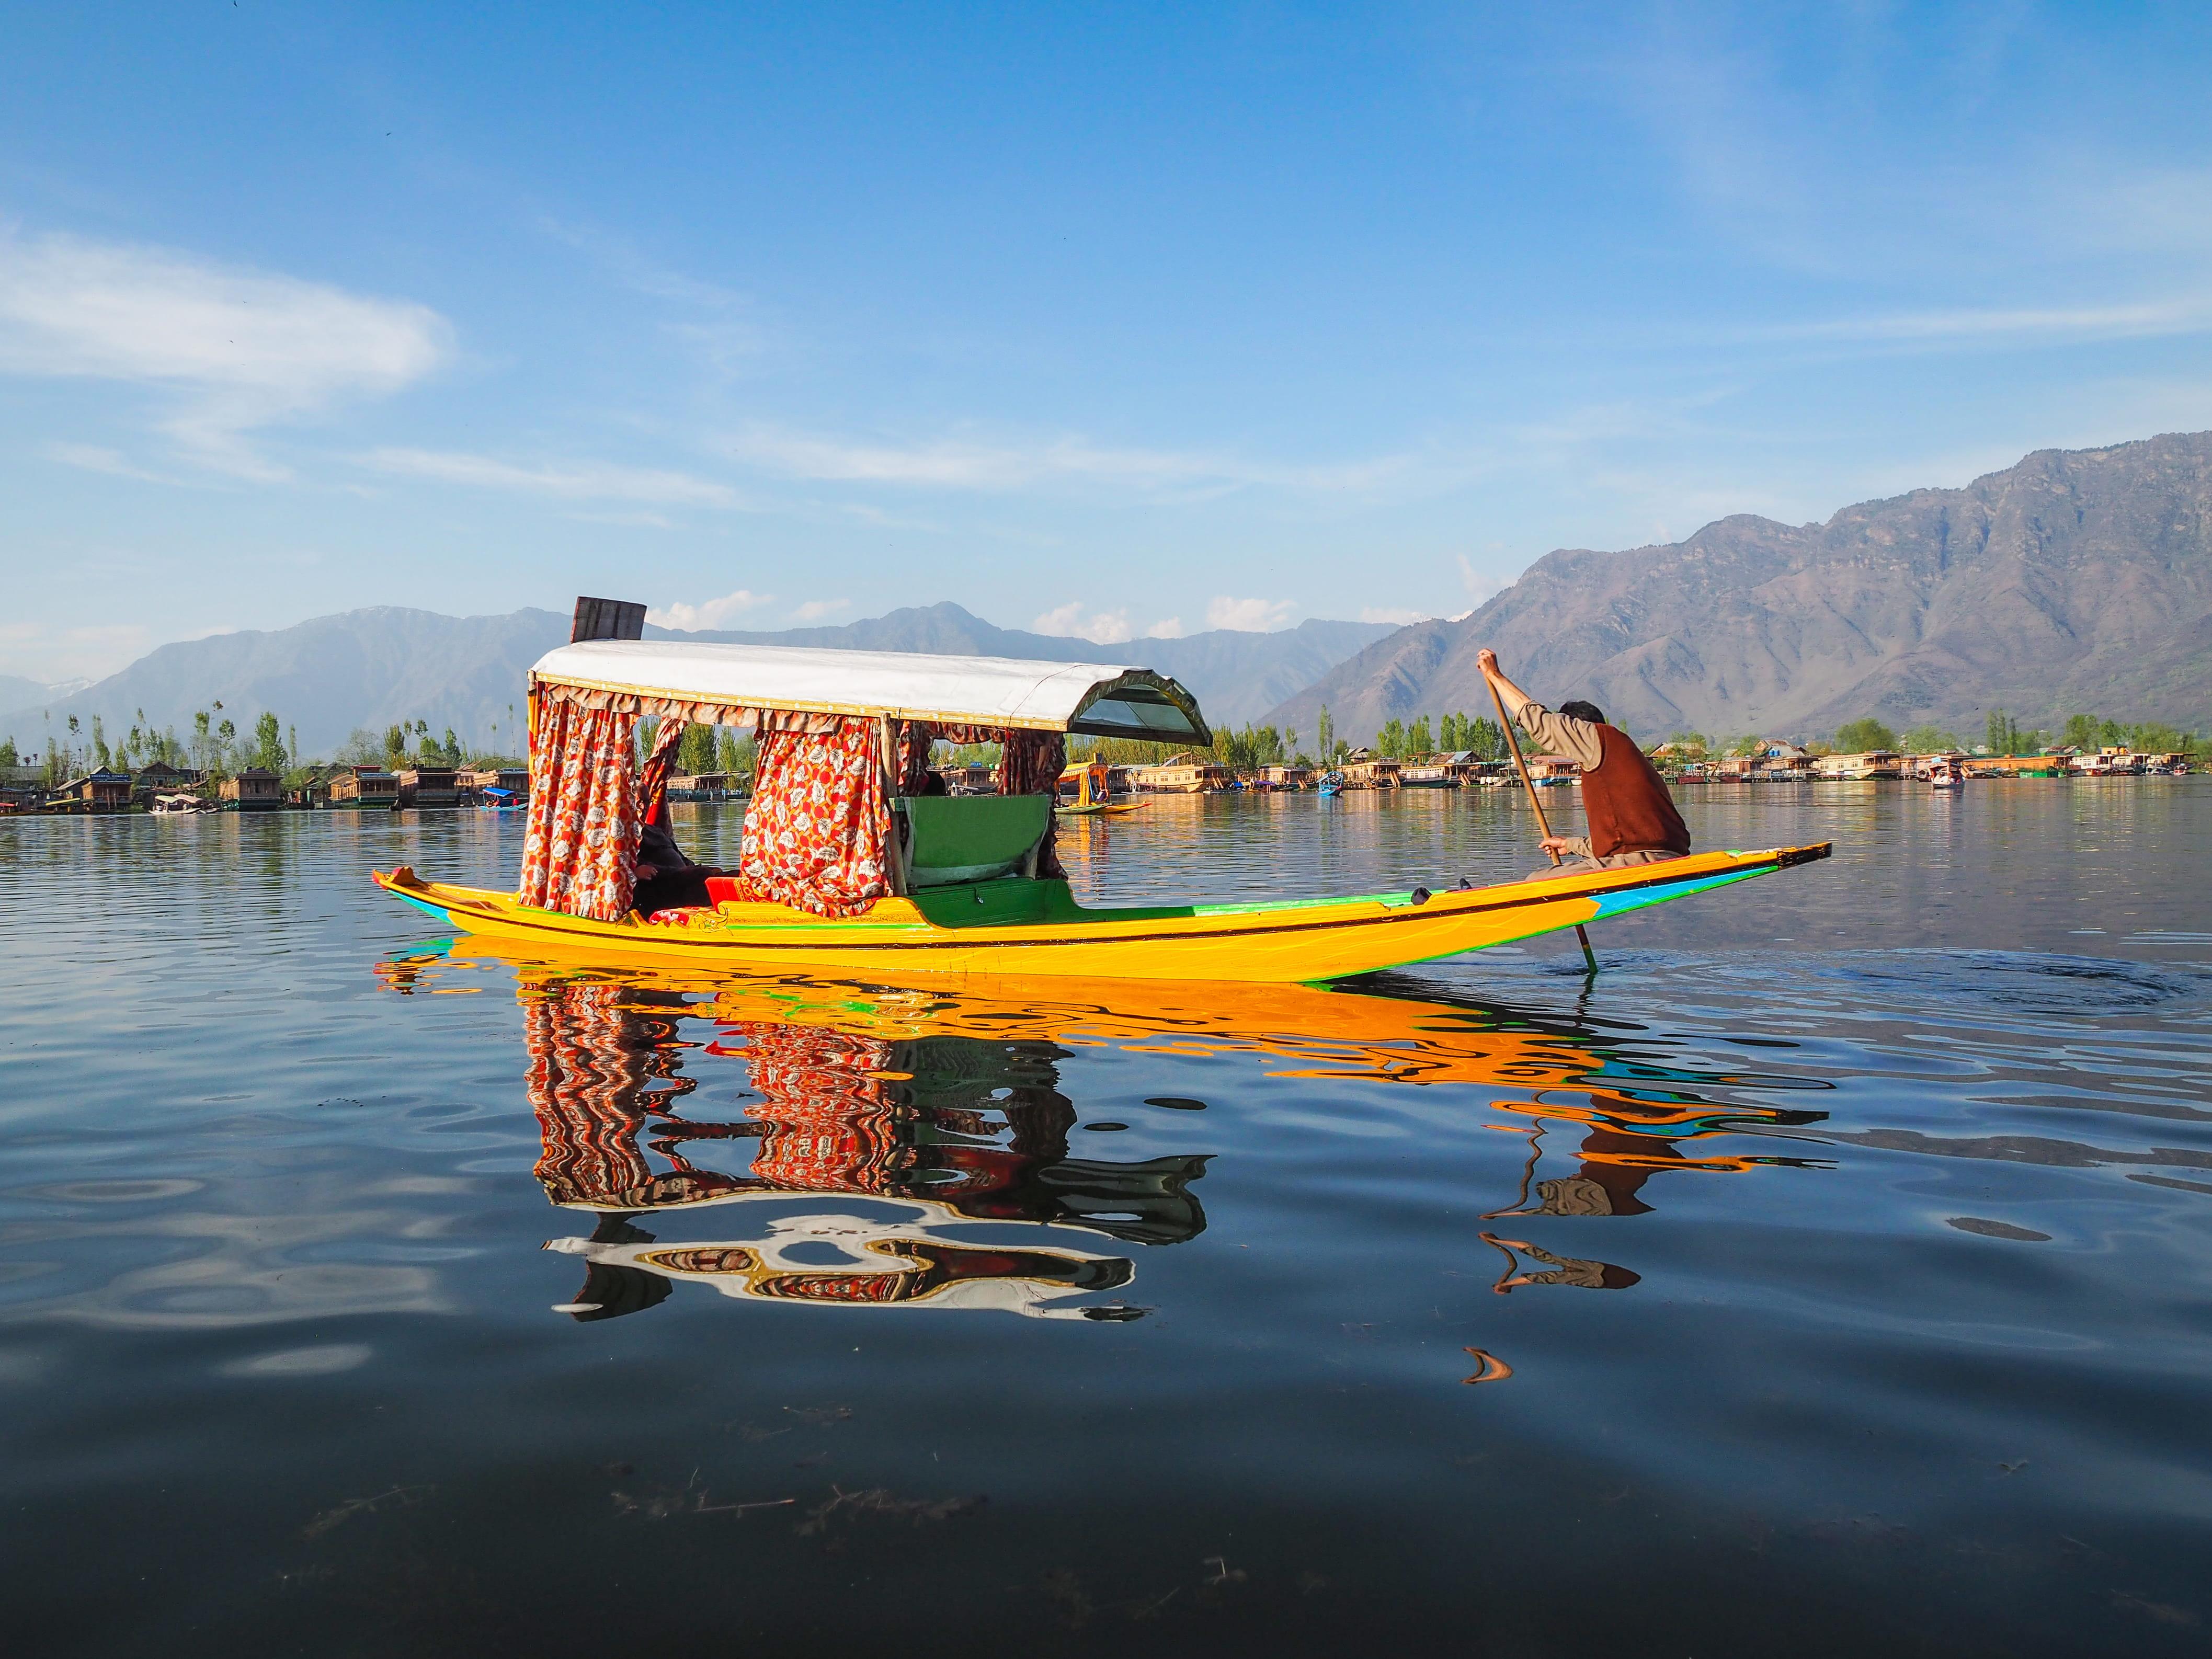 Shikaras (small boats)